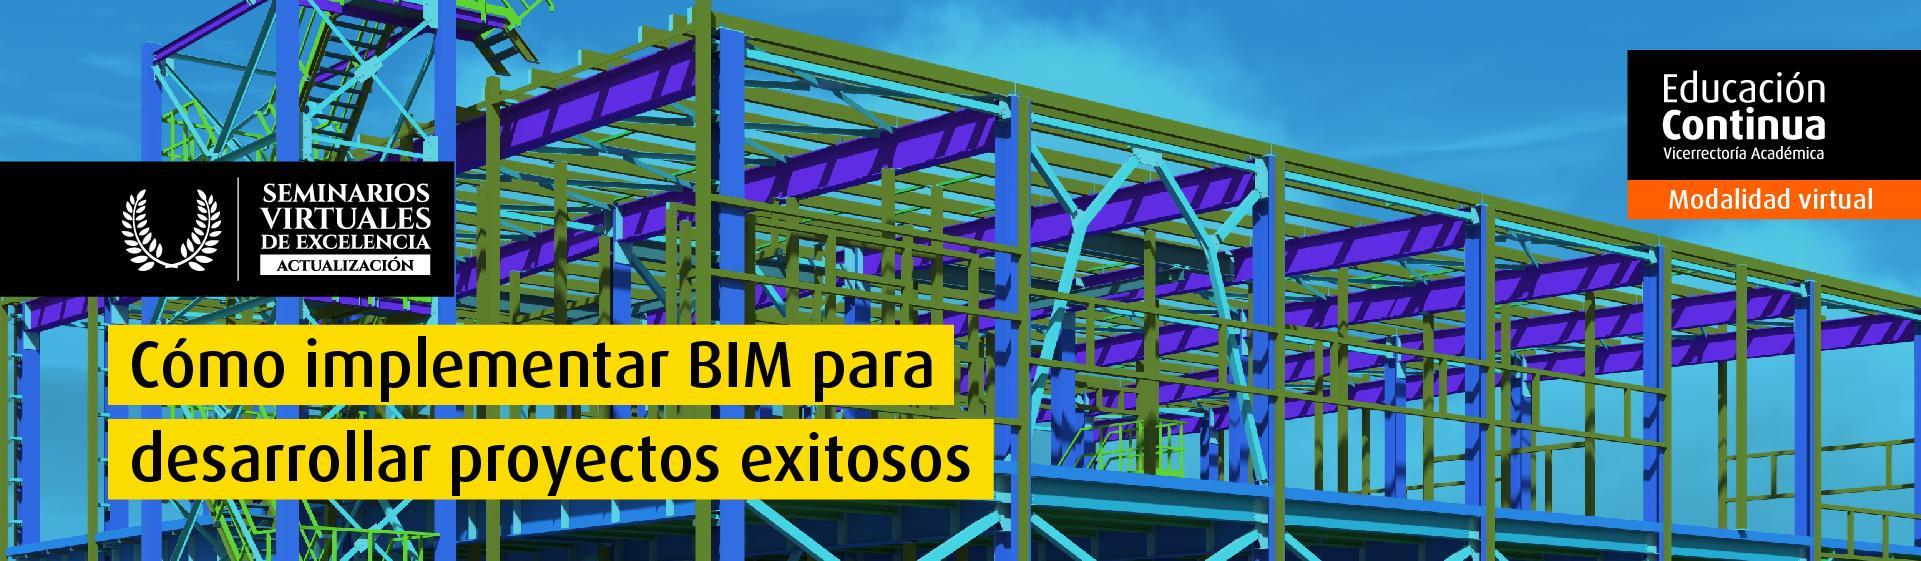 SVE Cómo implementar BIM para desarrollar proyectos exitosos